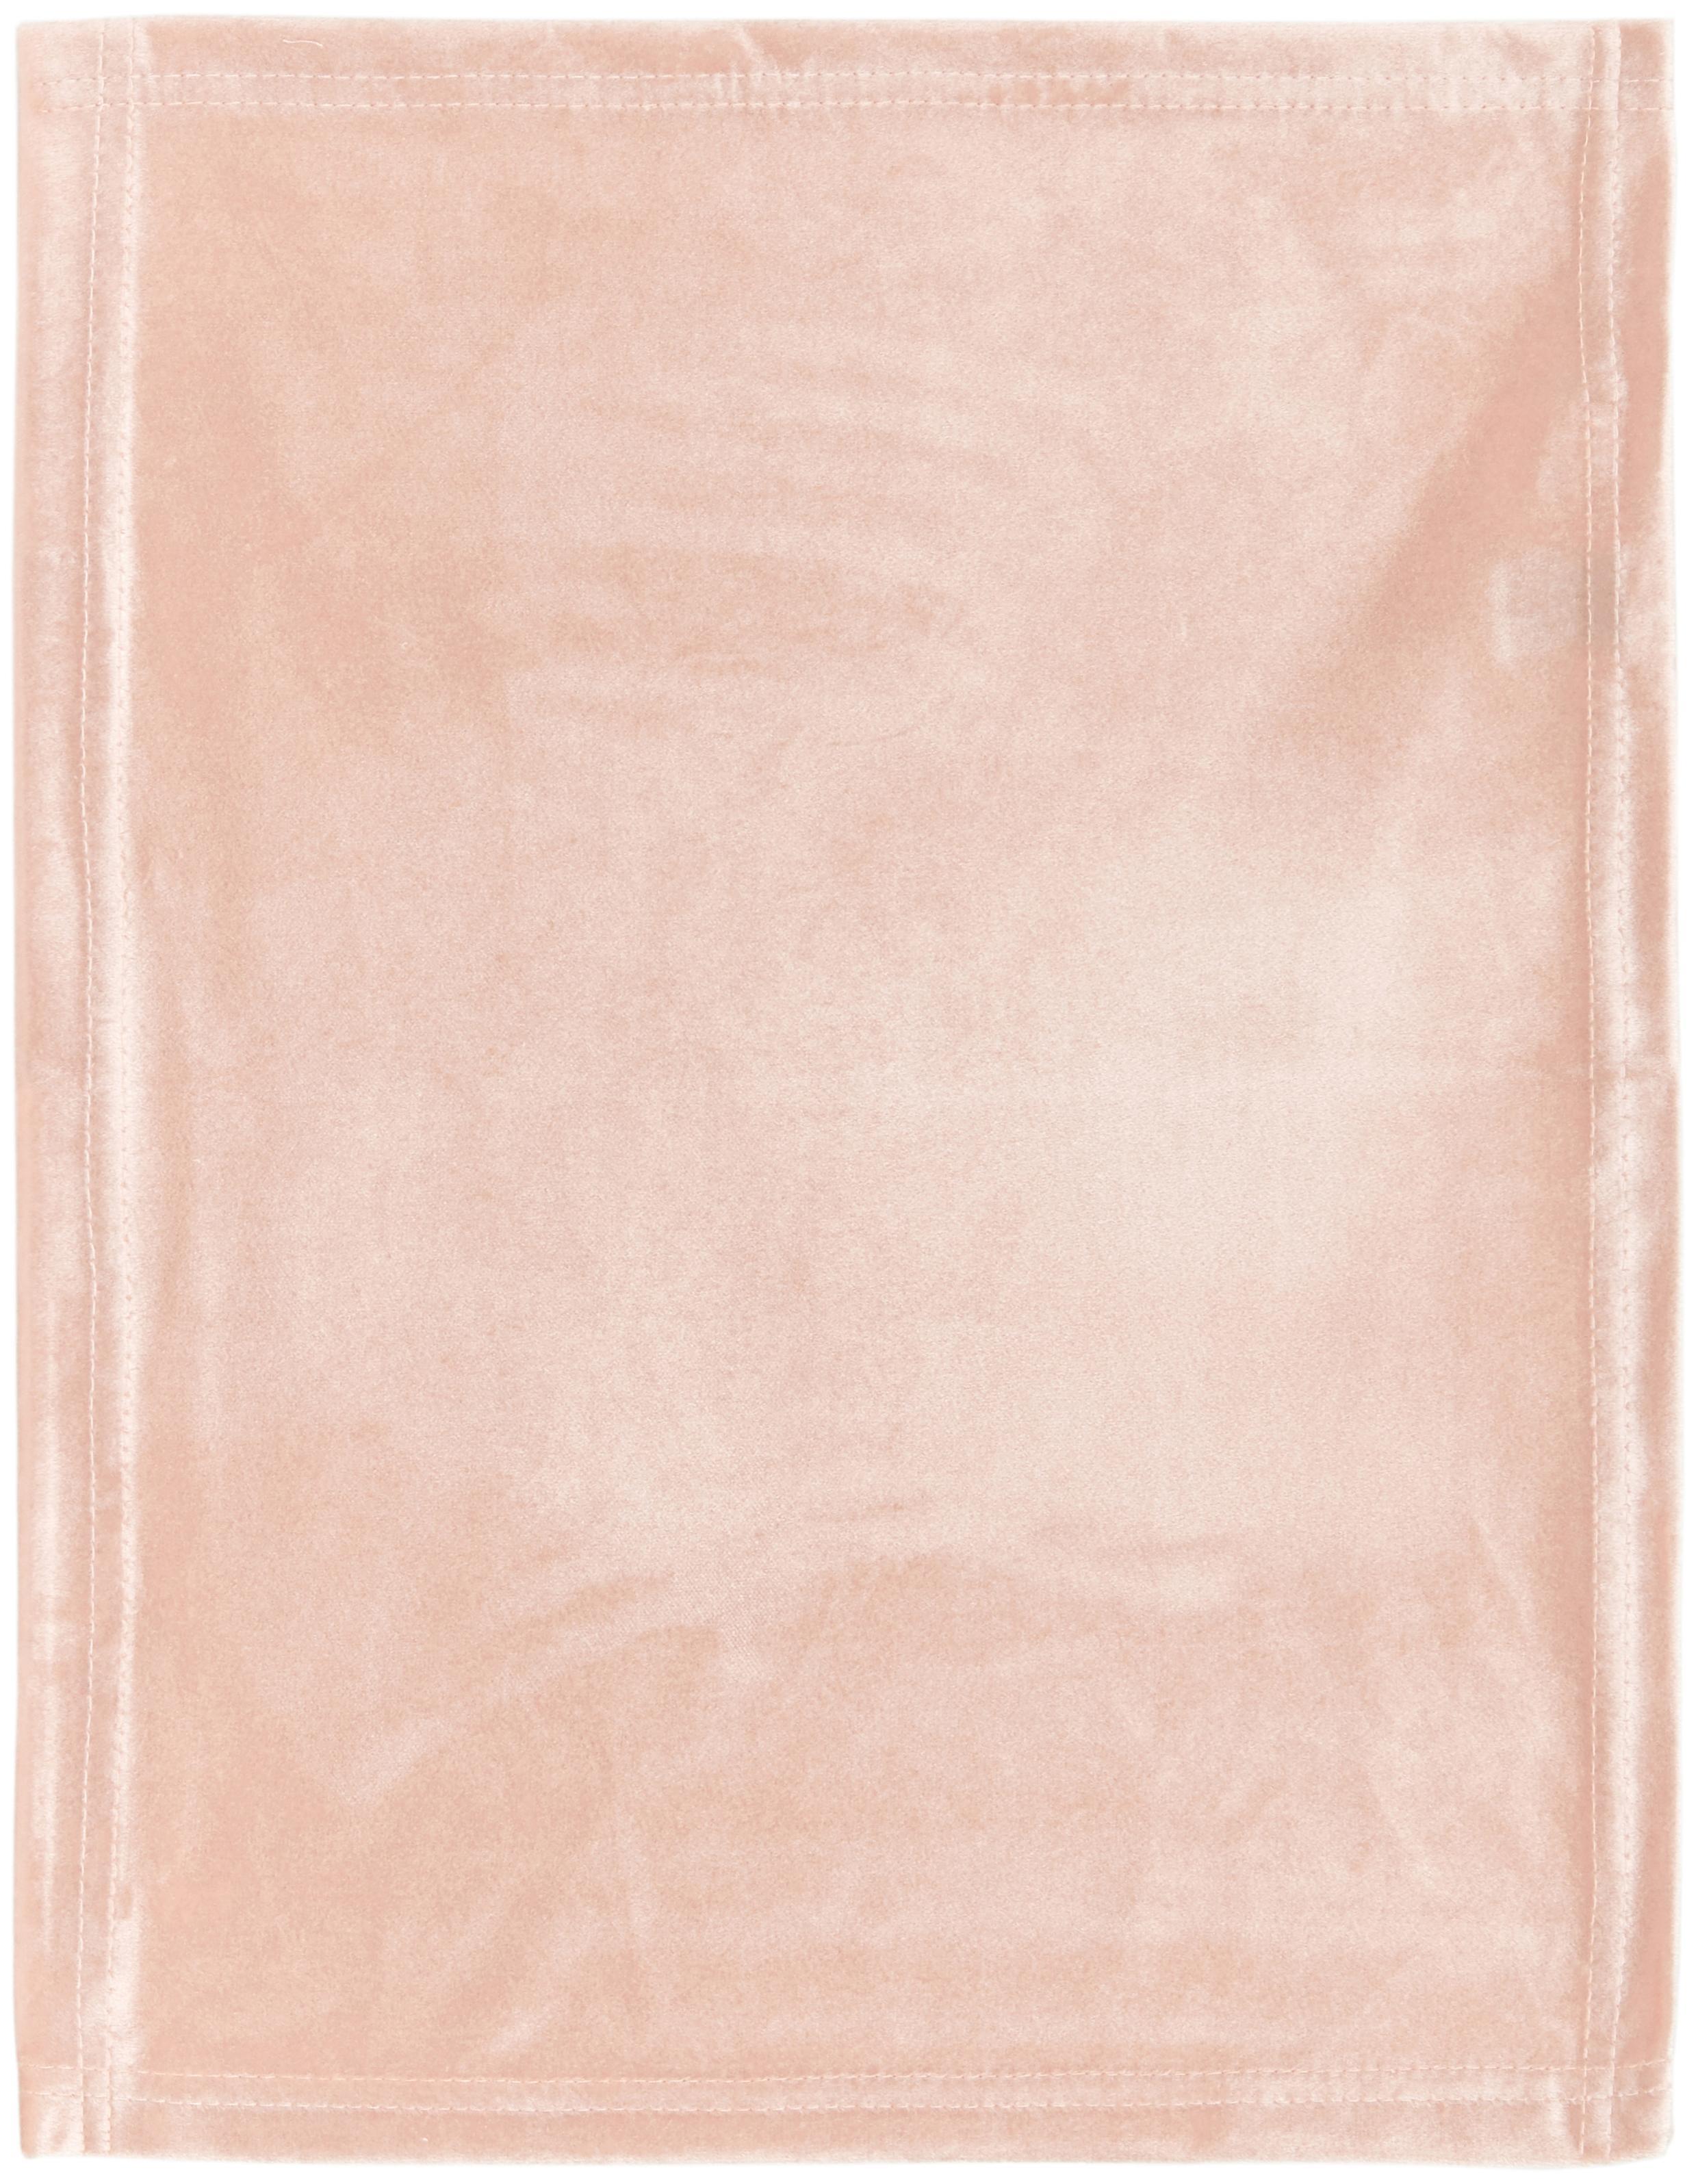 Tovaglietta americana in velluto Simone 2 pz, Velluto di poliestere, Rosa, Larg. 35 x Lung. 45 cm